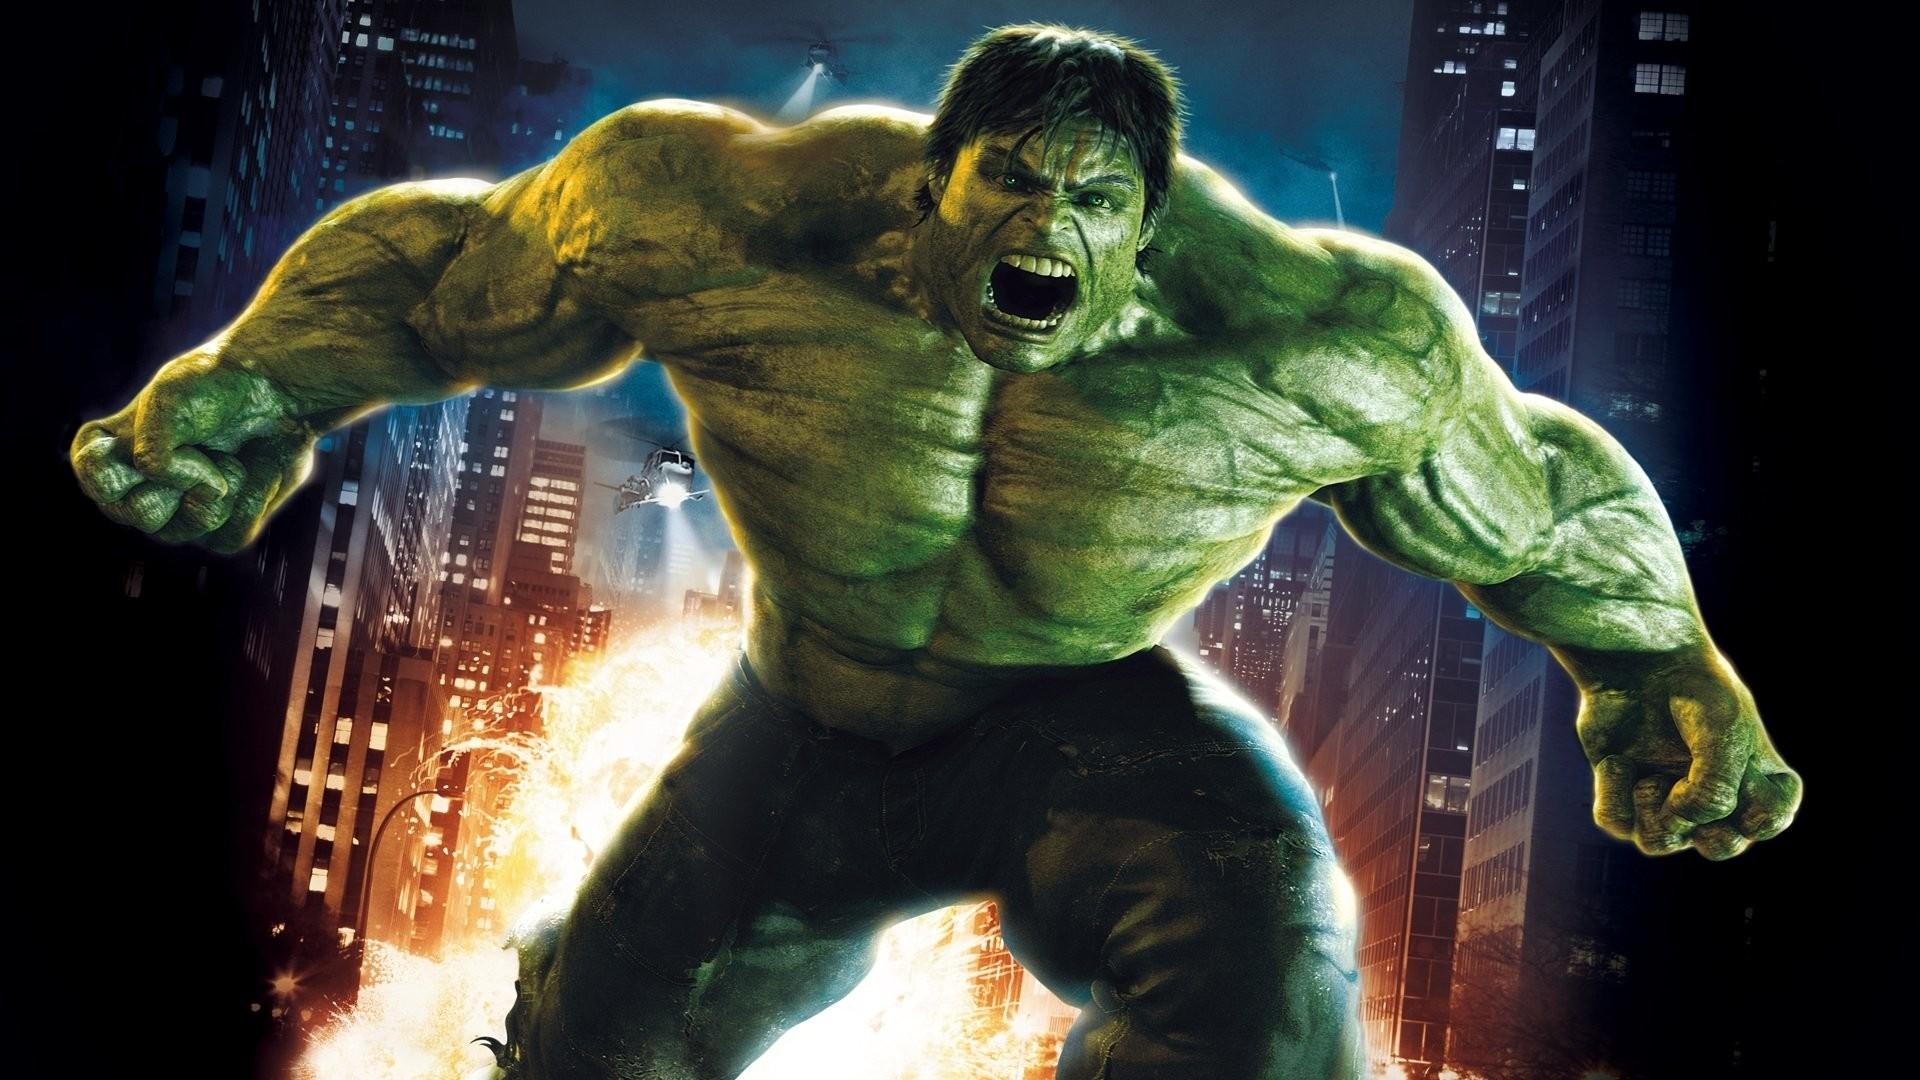 Res: 1920x1080, Filme - The Incredible Hulk Comics Hulk Wallpaper